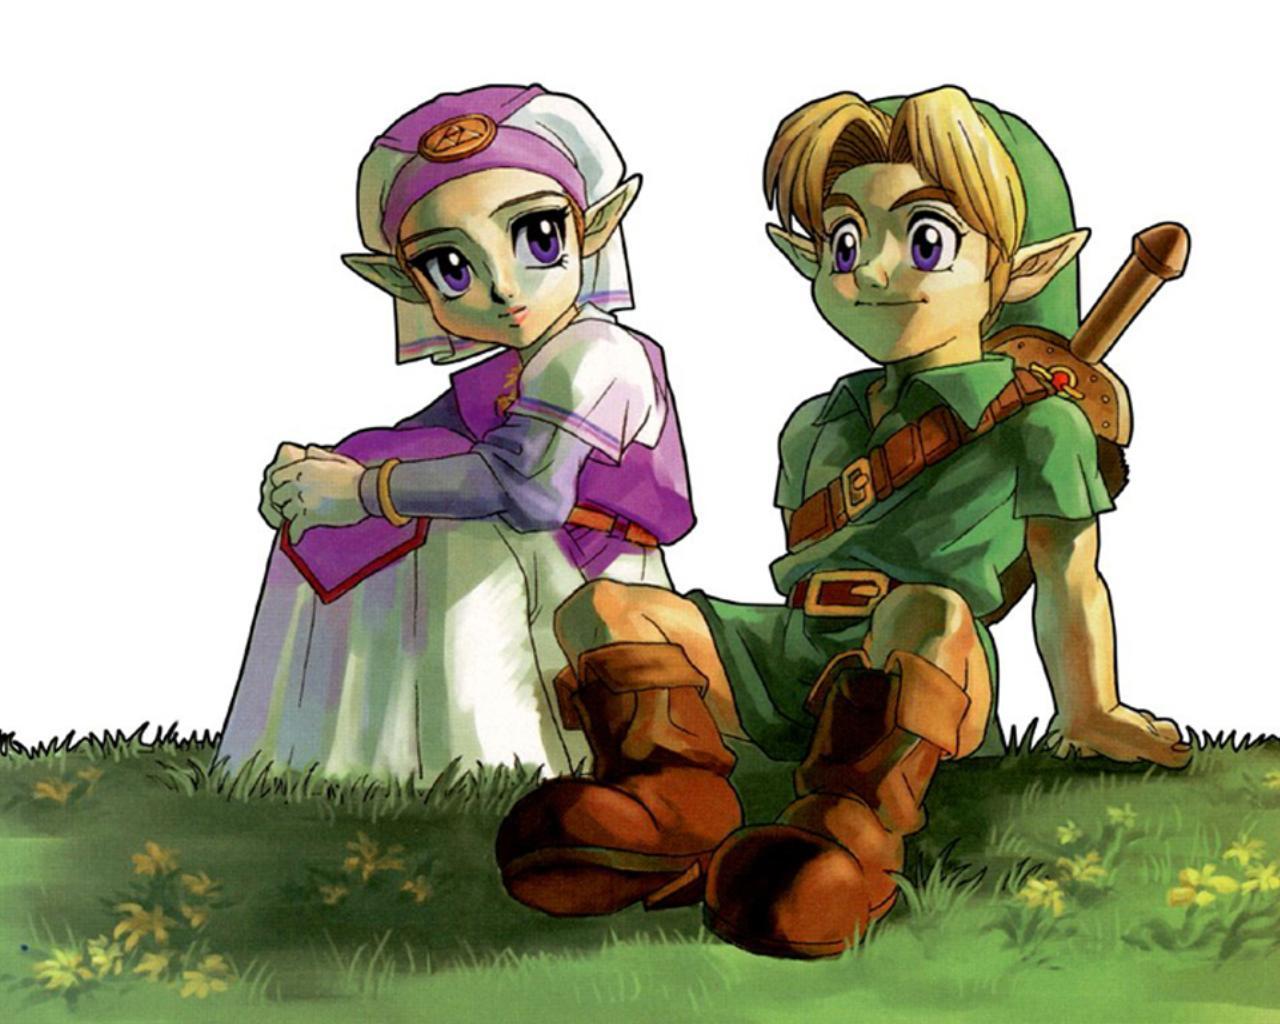 Link And Zelda Standard Wallpaper Link And Zelda Ocarina Of Time